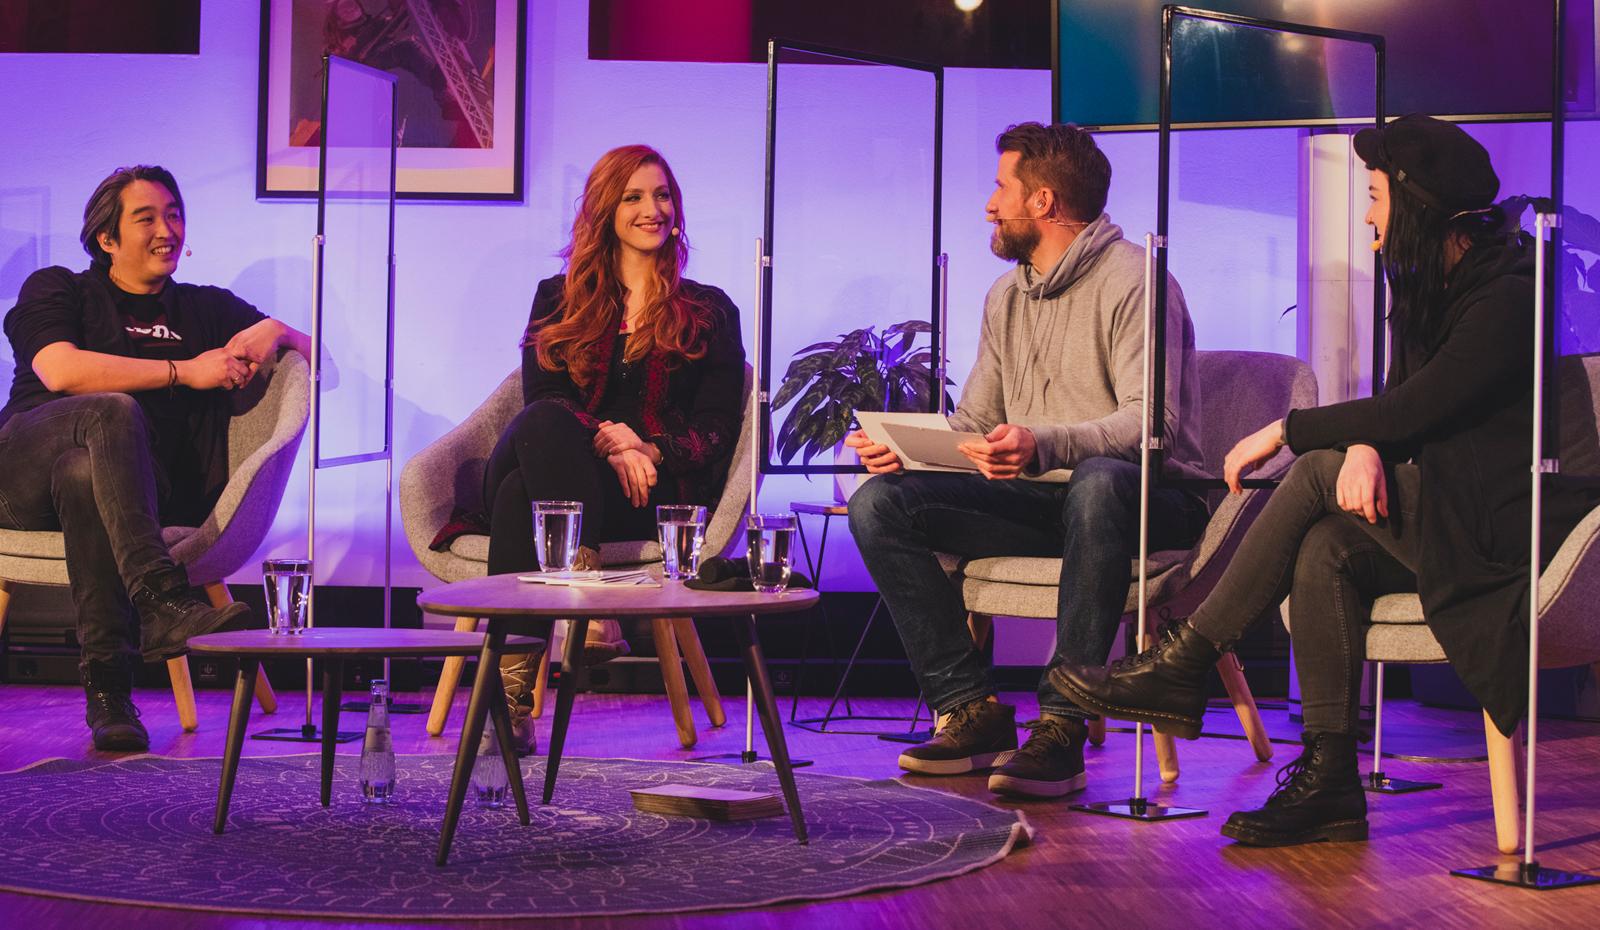 Daniel Budiman, Lara Loft, Fabian Siegismund und Valentina Birke haben den Preis moderiert. Bild: Deutscher Entwicklerpreis 2020